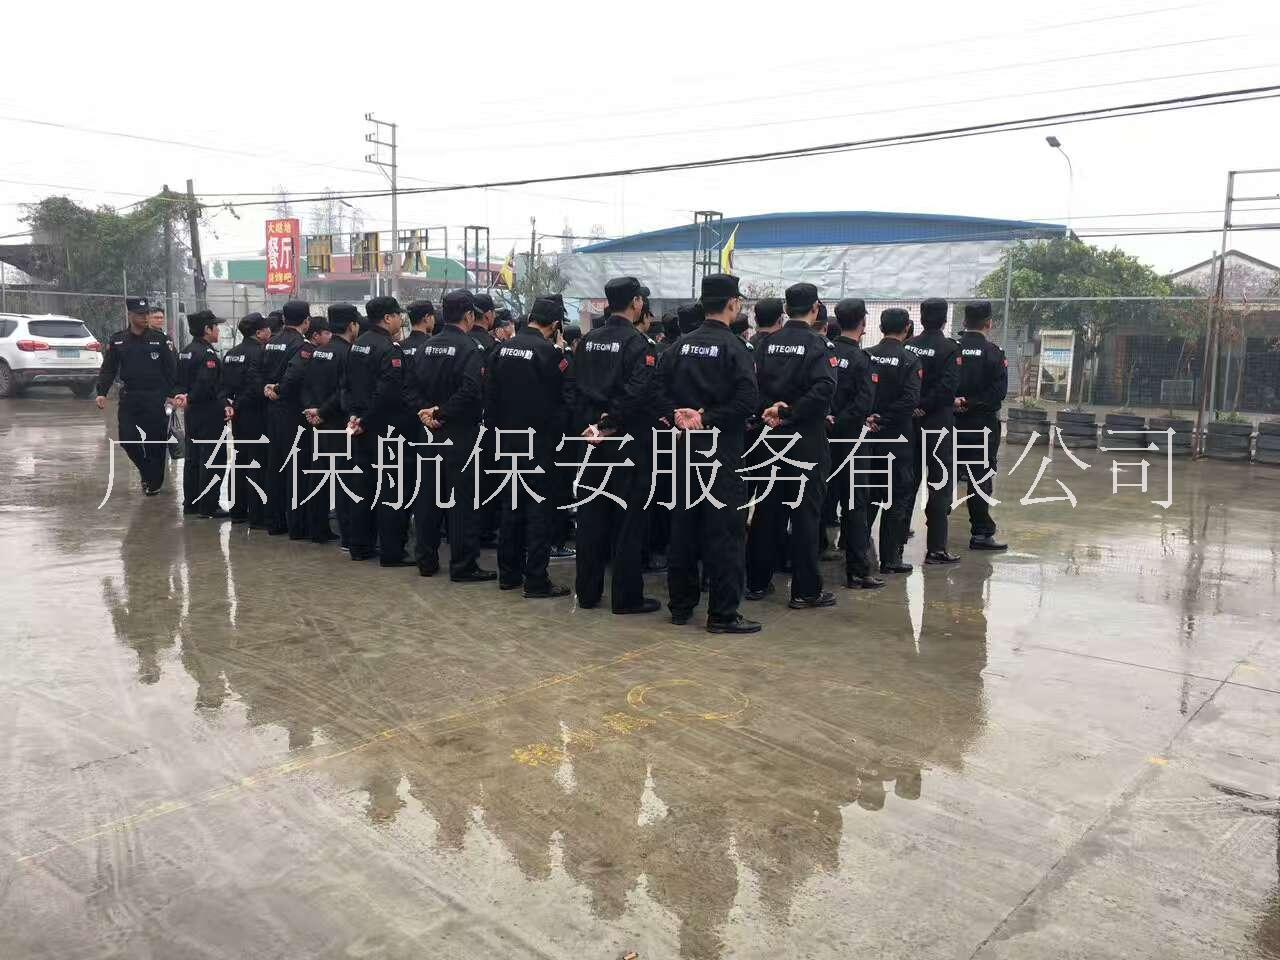 鹤山保安公司-广东保航